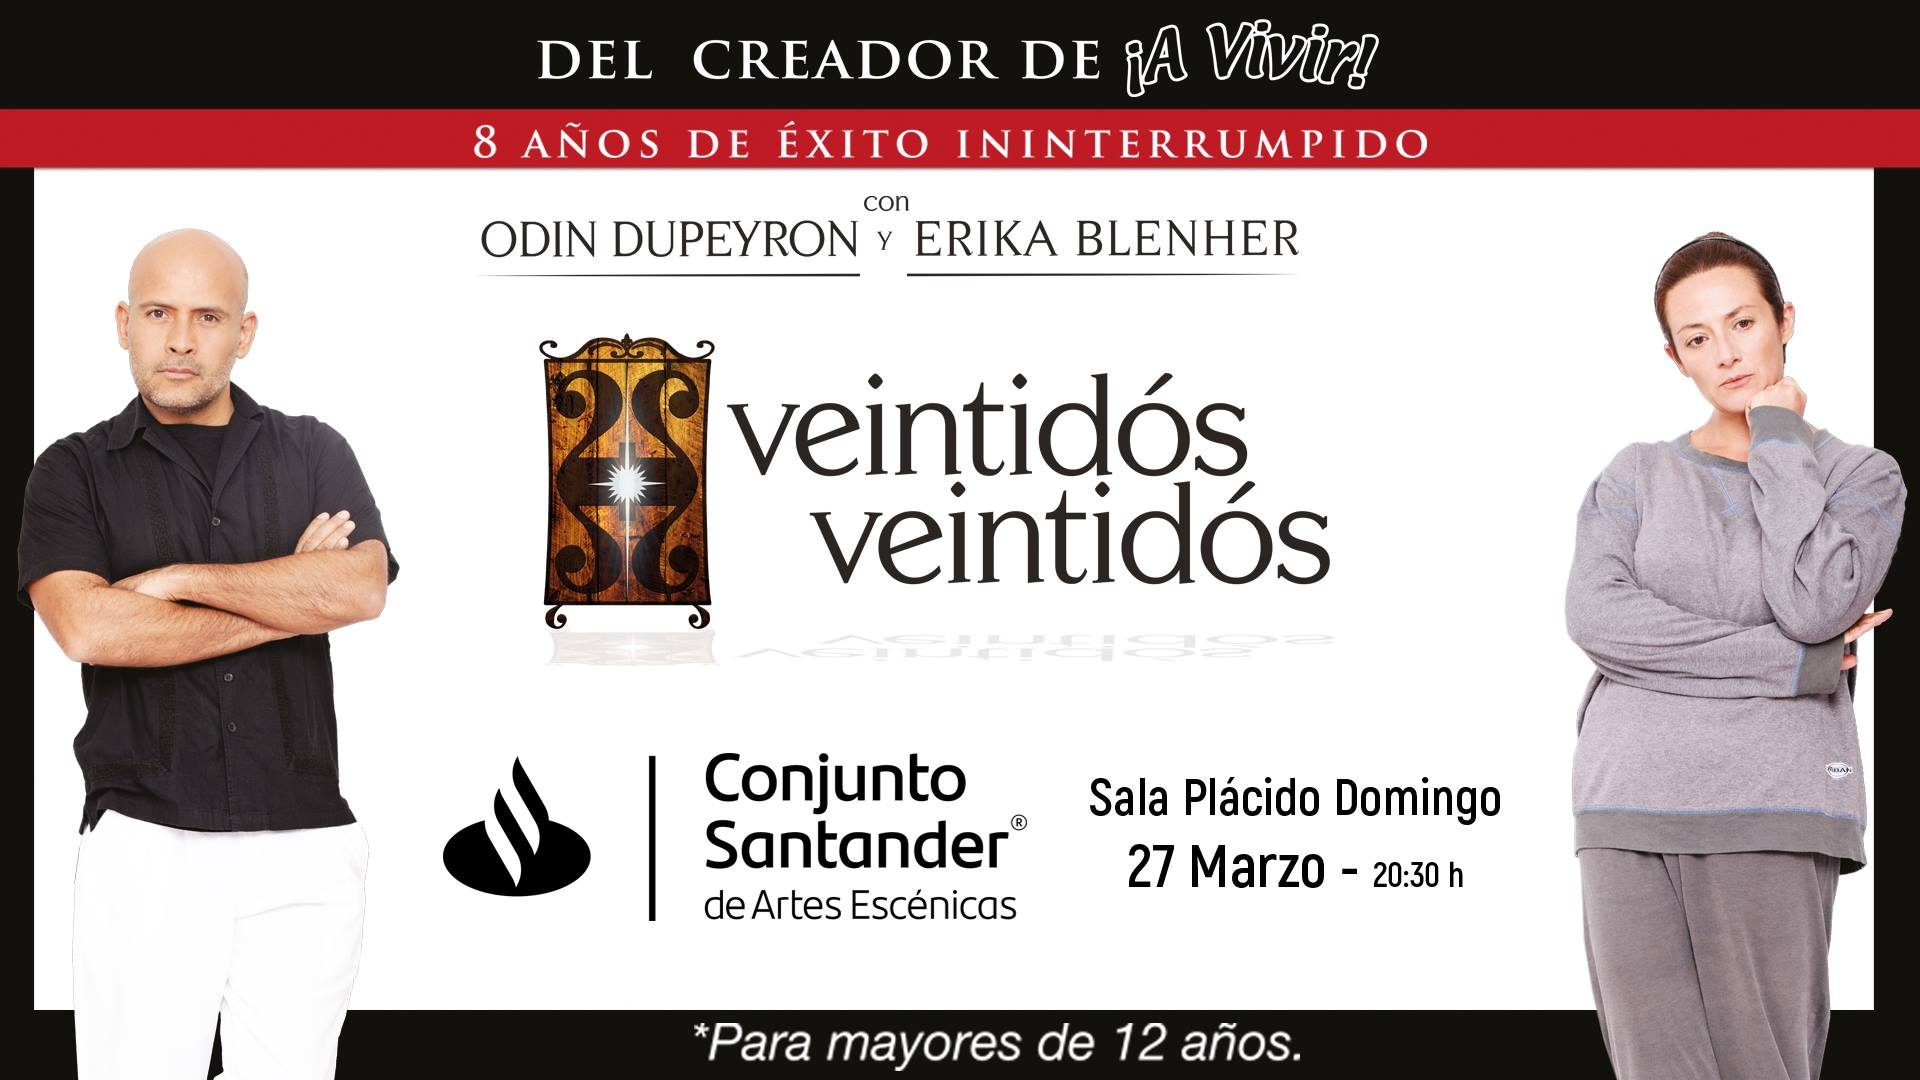 Veintidós VeintidósdeOdinDupeyron -27 de marzo en Conjunto Santander